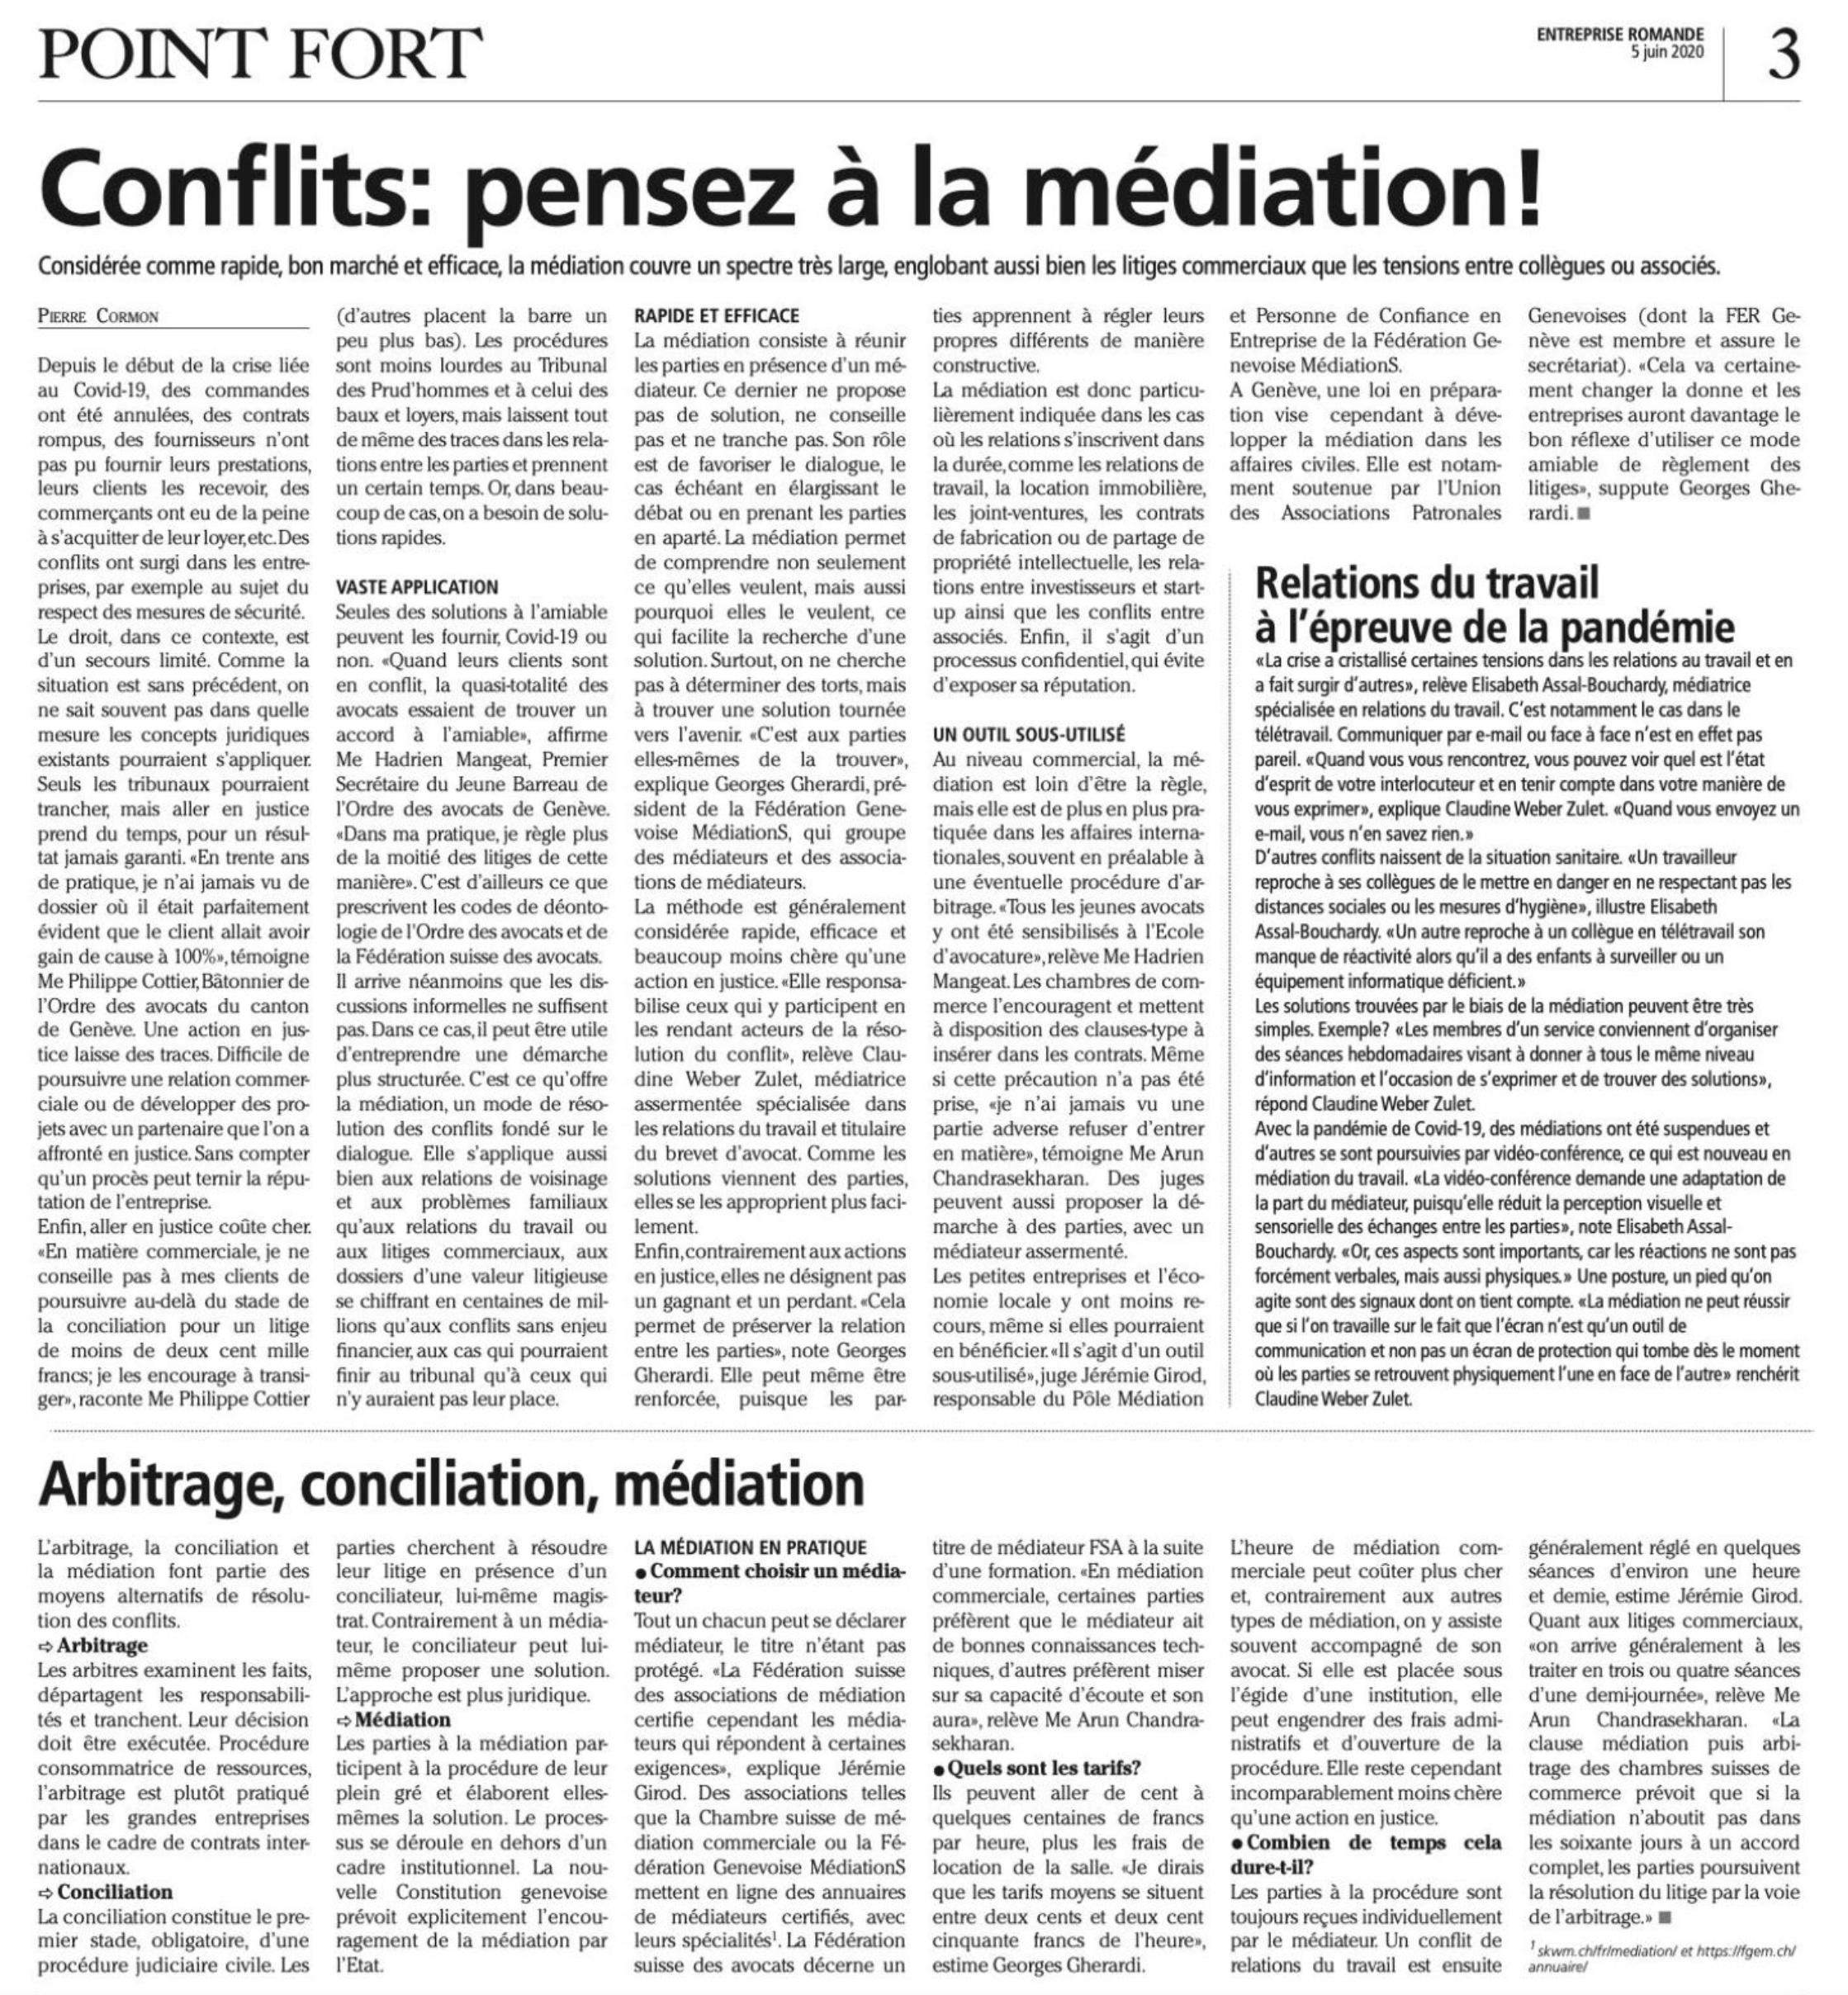 La médiation en Suisse